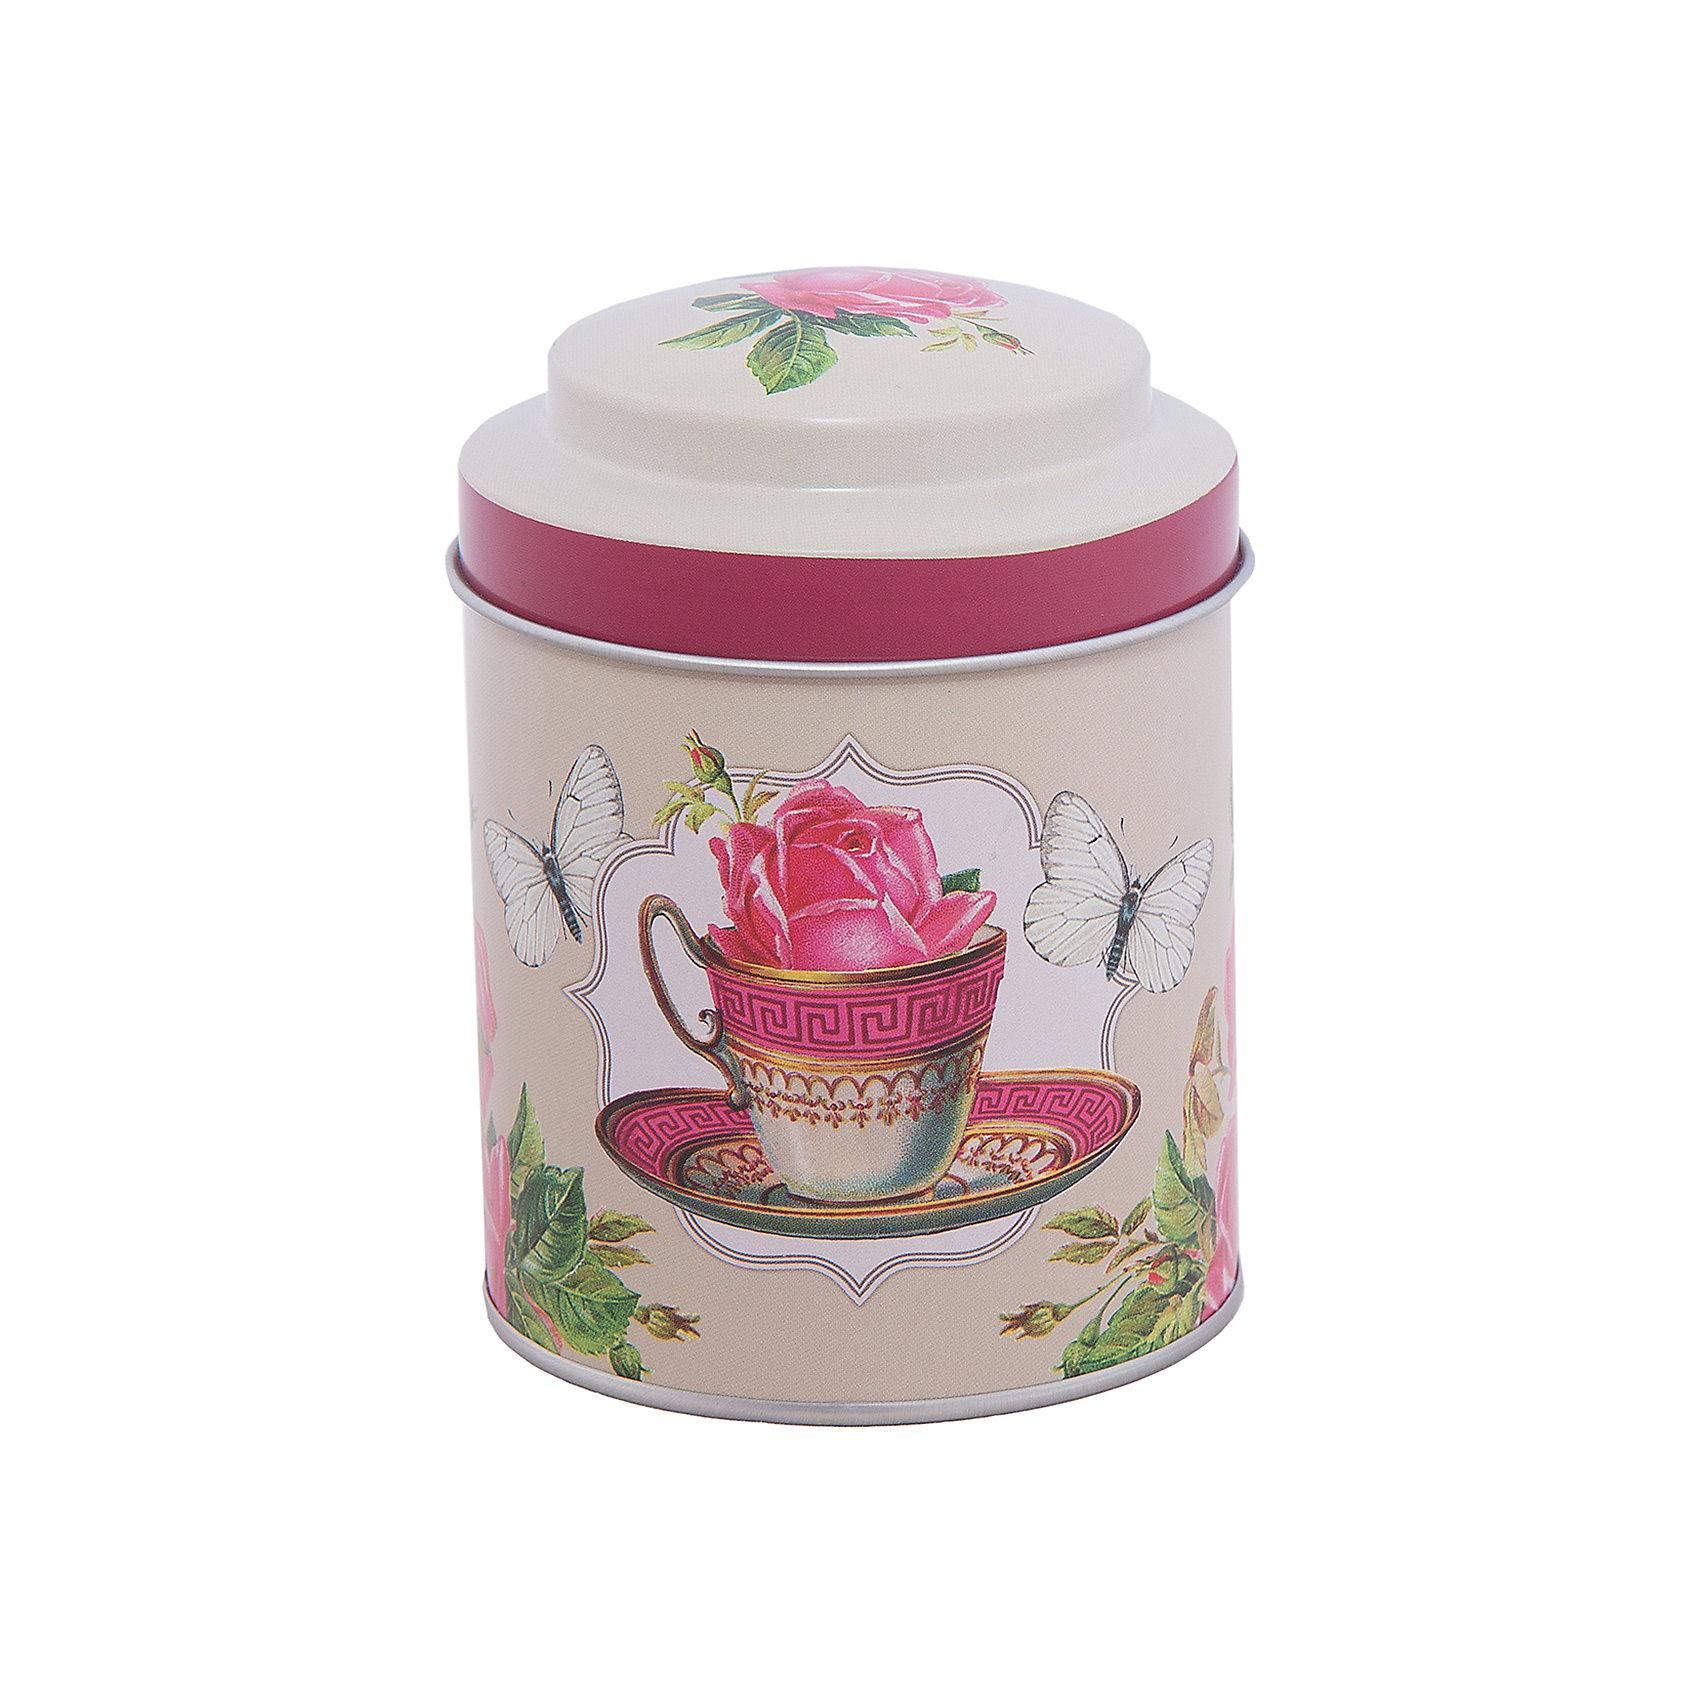 Емкость для сыпучих продуктов Чайная роза 680мл, Magic HomeПосуда<br>Жестяная банка с крышкой предназначена для хранения сыпучих продуктов. Банка украшена рисунком «Чайная роза», создает «аппетитное» настроение на кухне. Вместительная емкость для специй, лекарственных трав, сахара или чая плотно закрывается крышкой, продукты сохраняют свежесть и аромат, не впитывают посторонние запахи. <br><br>Дополнительная информация:<br><br>Не предназначена для мытья в посудомоечной машине. <br><br>Объем: 680 мл<br><br>Высота банки Magic Home (без учета крышки): 10 см<br>Диаметр банки Magic Home (по верхнему краю): 9 см<br><br>Материал: окрашенный черный металл<br><br>Емкость для сыпучих продуктов Чайная роза 680мл, Magic Home можно купить в нашем интернет-магазине.<br><br>Ширина мм: 100<br>Глубина мм: 120<br>Высота мм: 100<br>Вес г: 92<br>Возраст от месяцев: 216<br>Возраст до месяцев: 1200<br>Пол: Унисекс<br>Возраст: Детский<br>SKU: 5030473